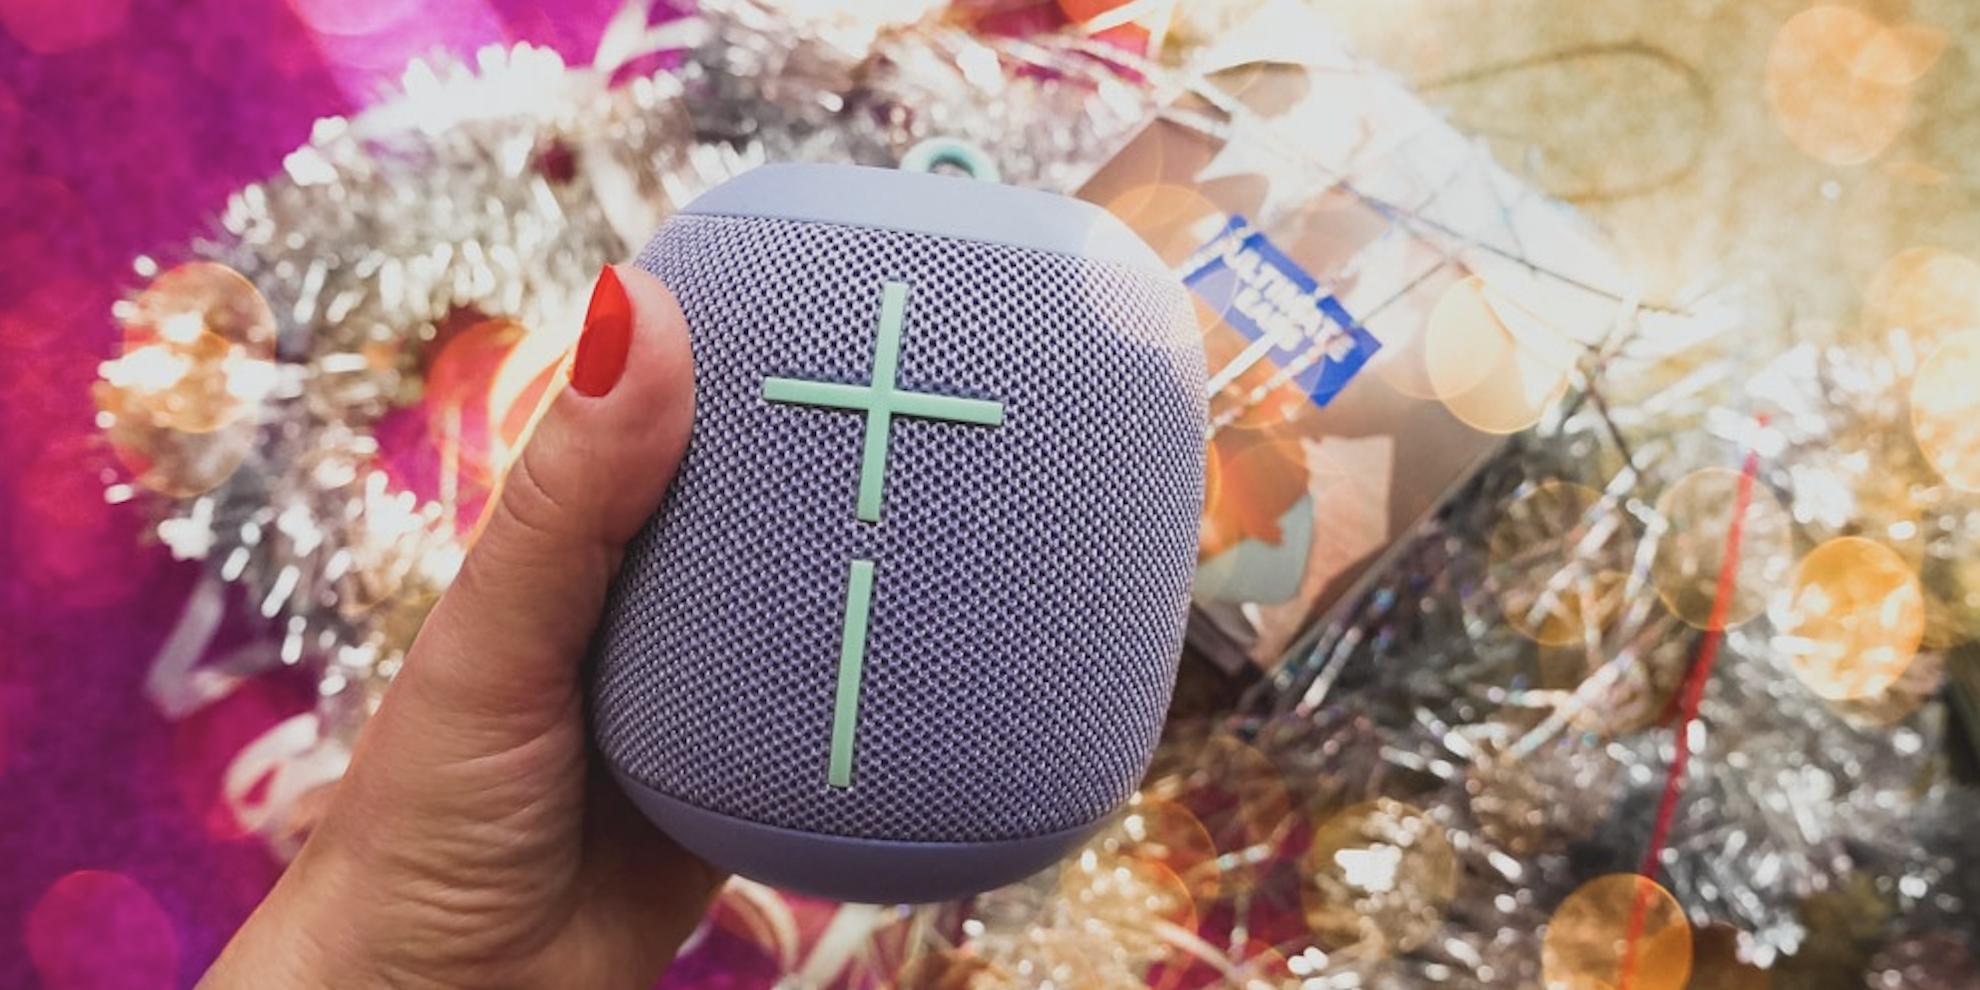 Mach mit bei unserem Weihnachtsquiz und schnapp dir eine WONDERBOOM 2 von Ultimate Ears!